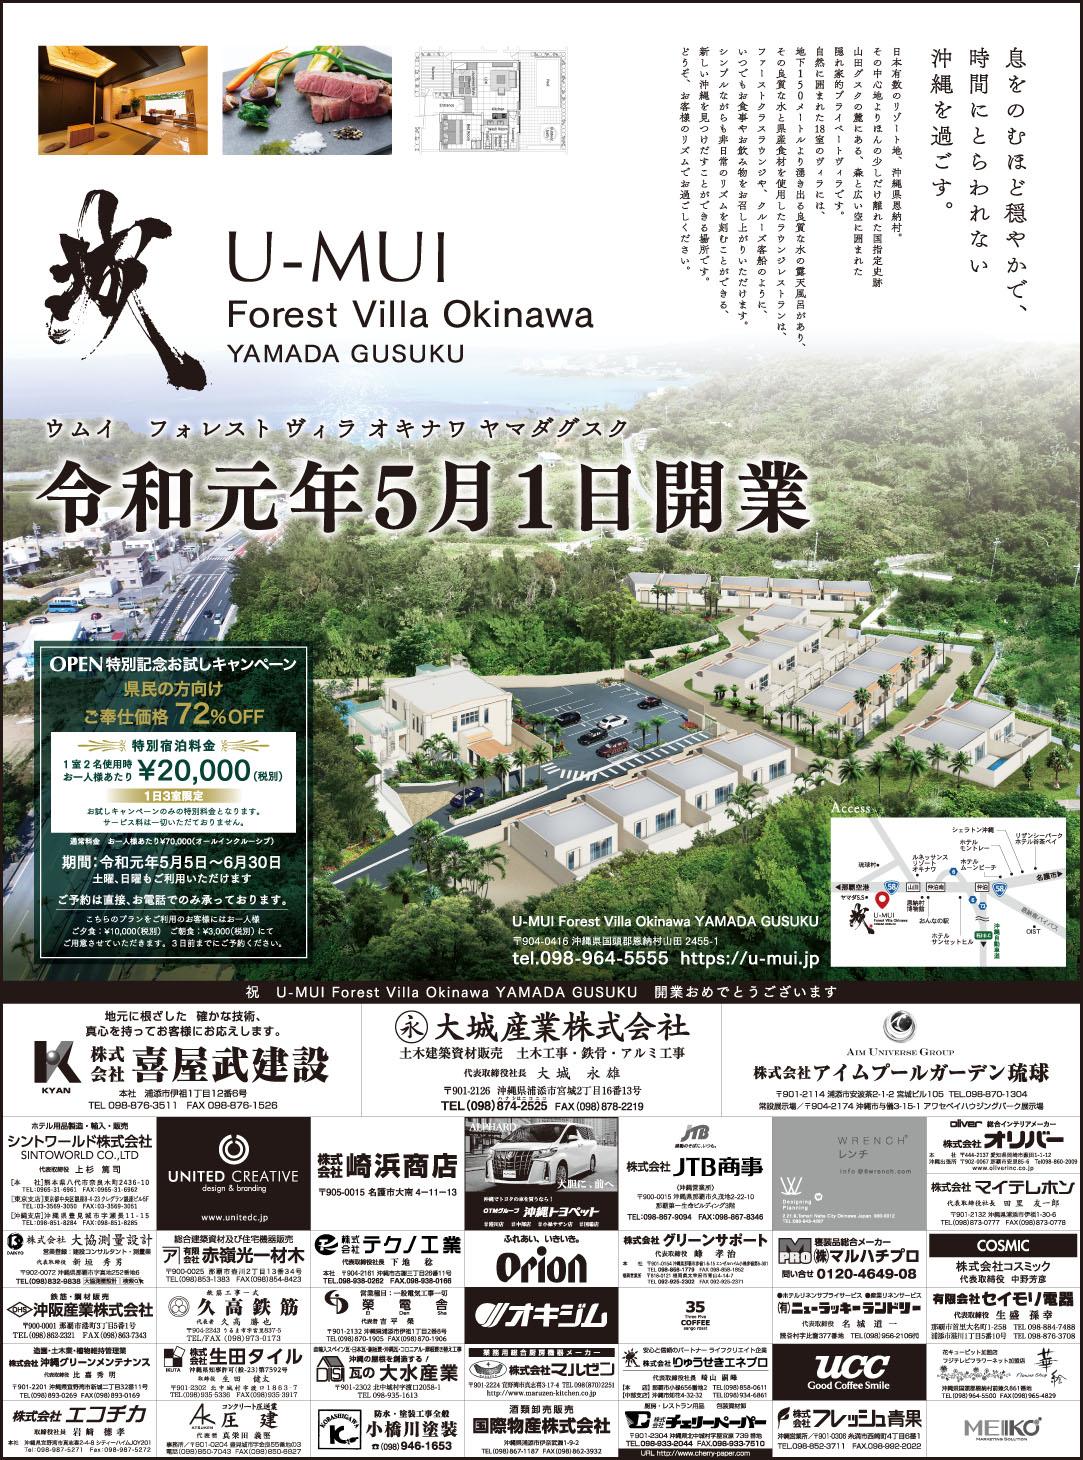 U-MUI-Forest-Villa-Okinawa-YAMADA-GUSUKU-15段